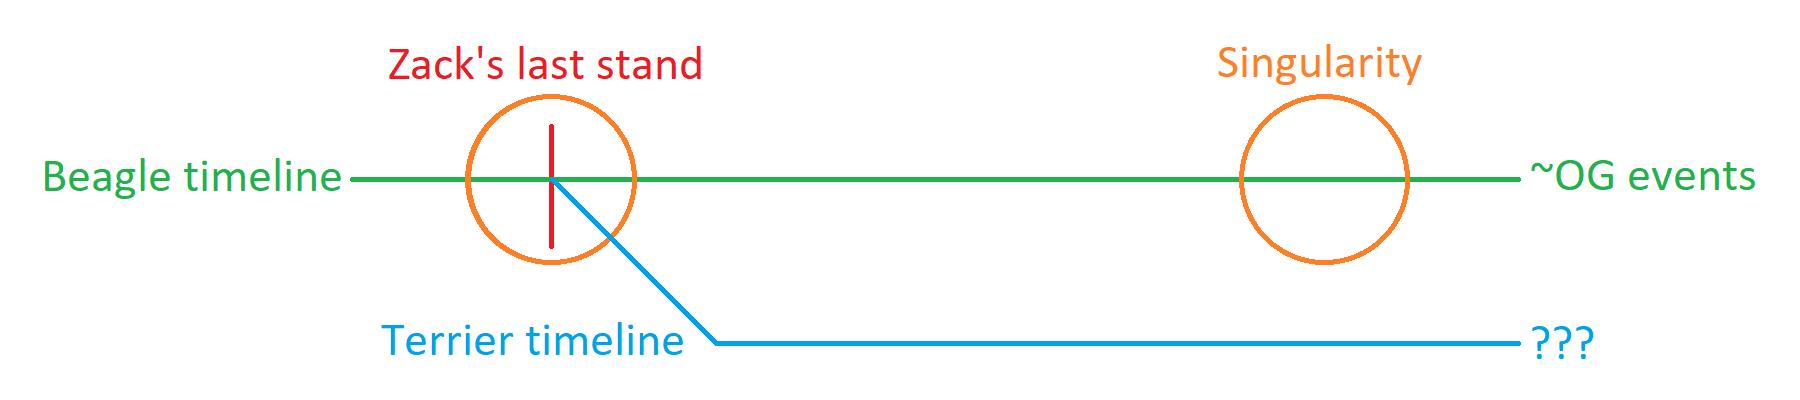 diverging timelines diagram